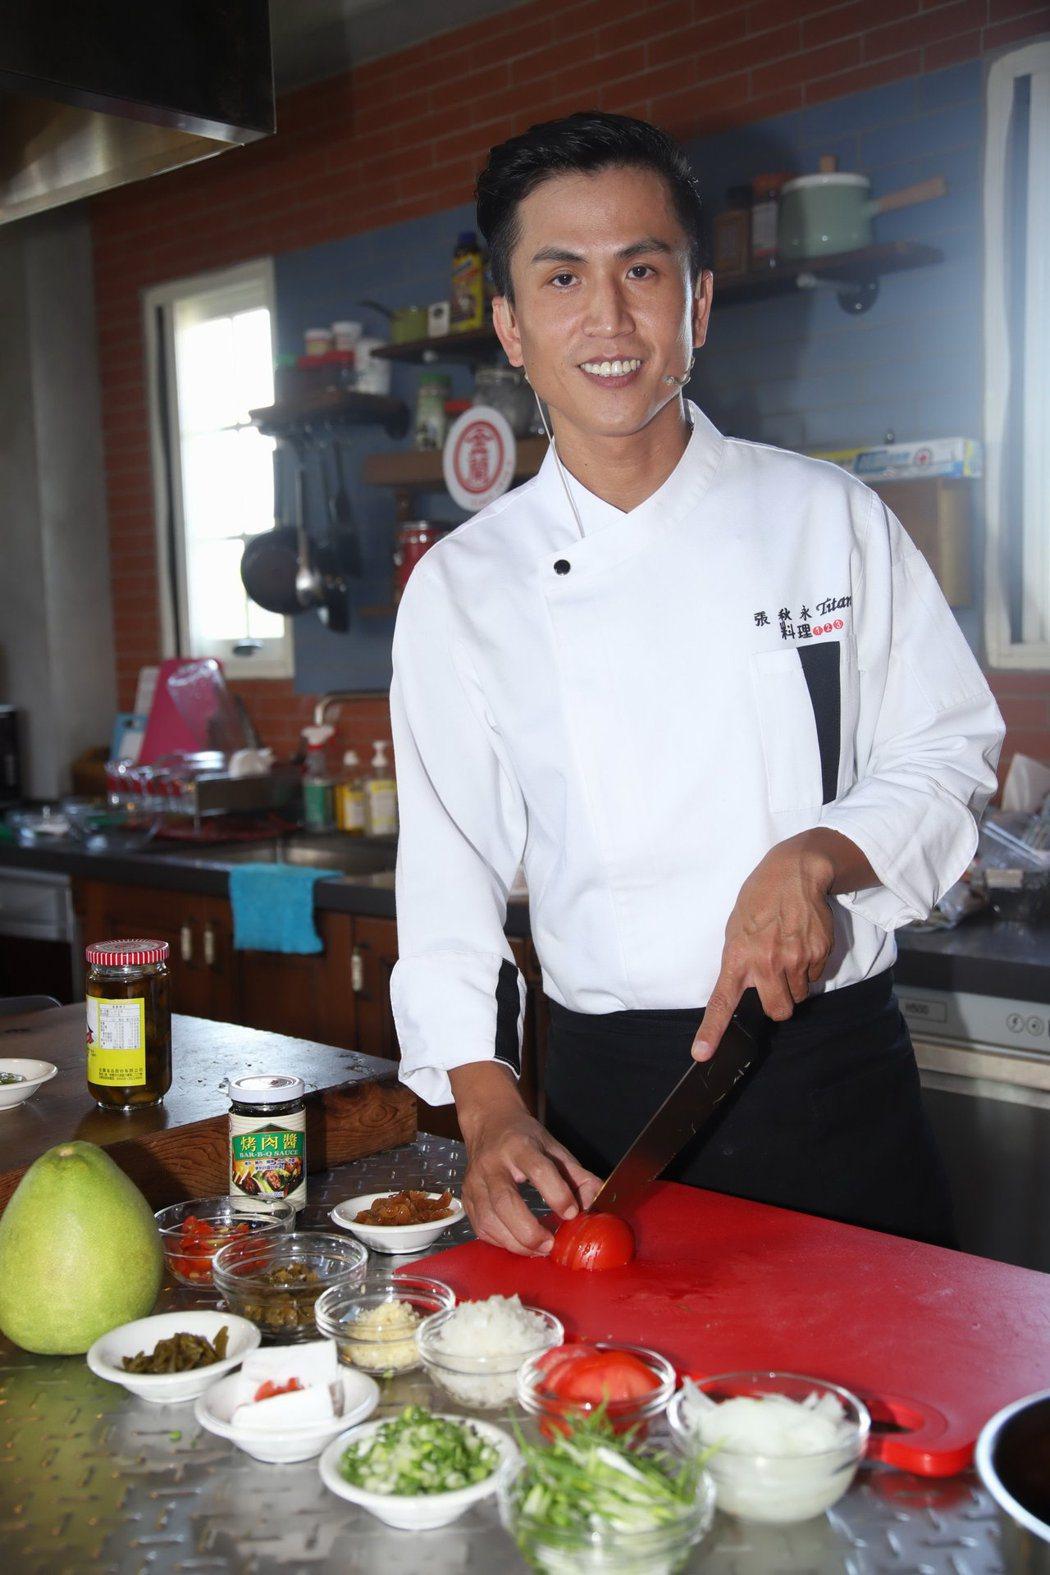 「師奶廚師」封號的張秋永今出席「金蘭烤肉醬」活動。圖/金蘭烤肉醬提供